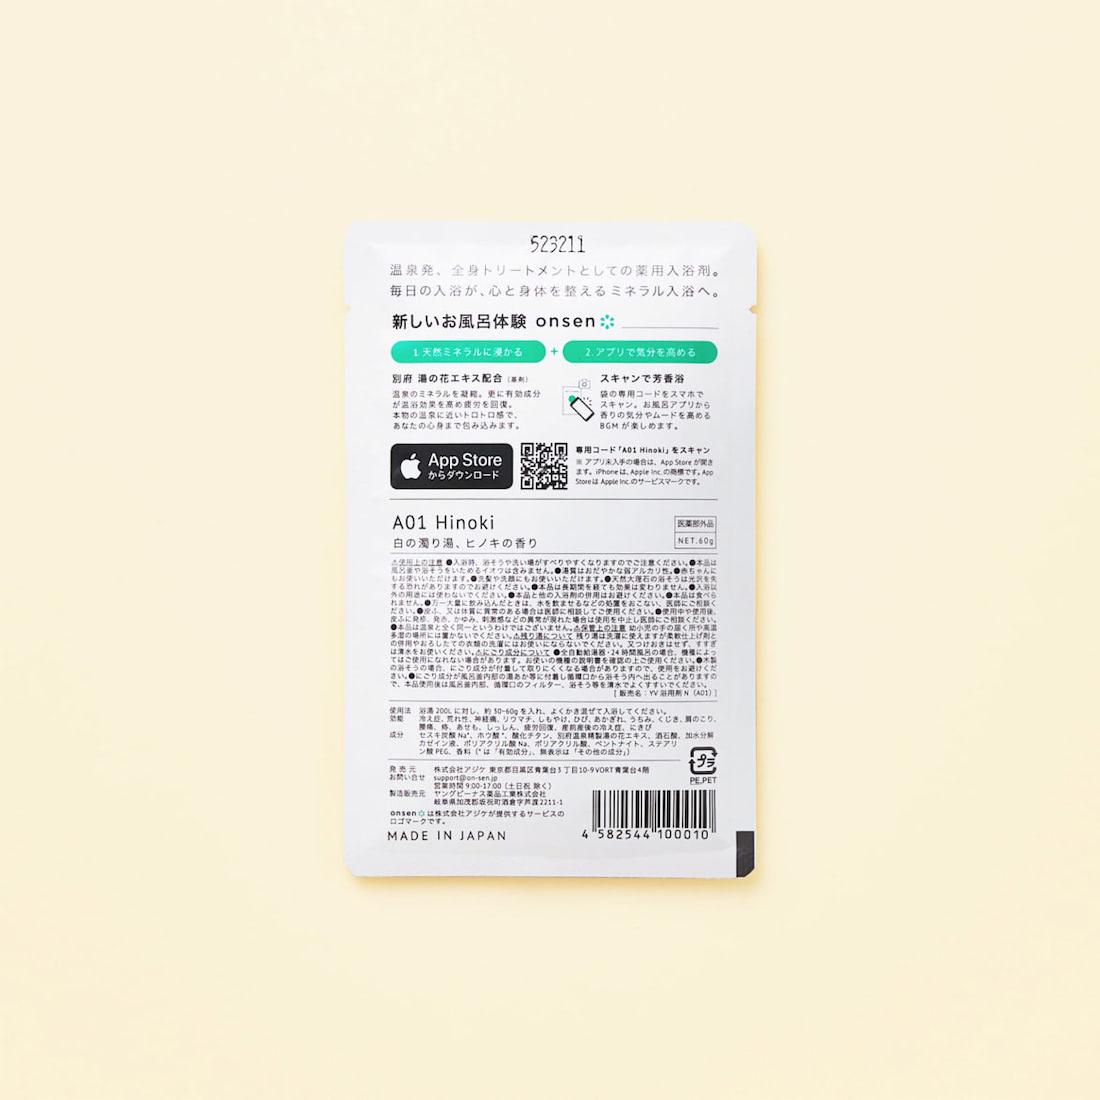 薬用入浴剤 デイリーミネラル A01 Hinoki(ほっと落ち着く気分に ヒノキの香り) | Onsen*